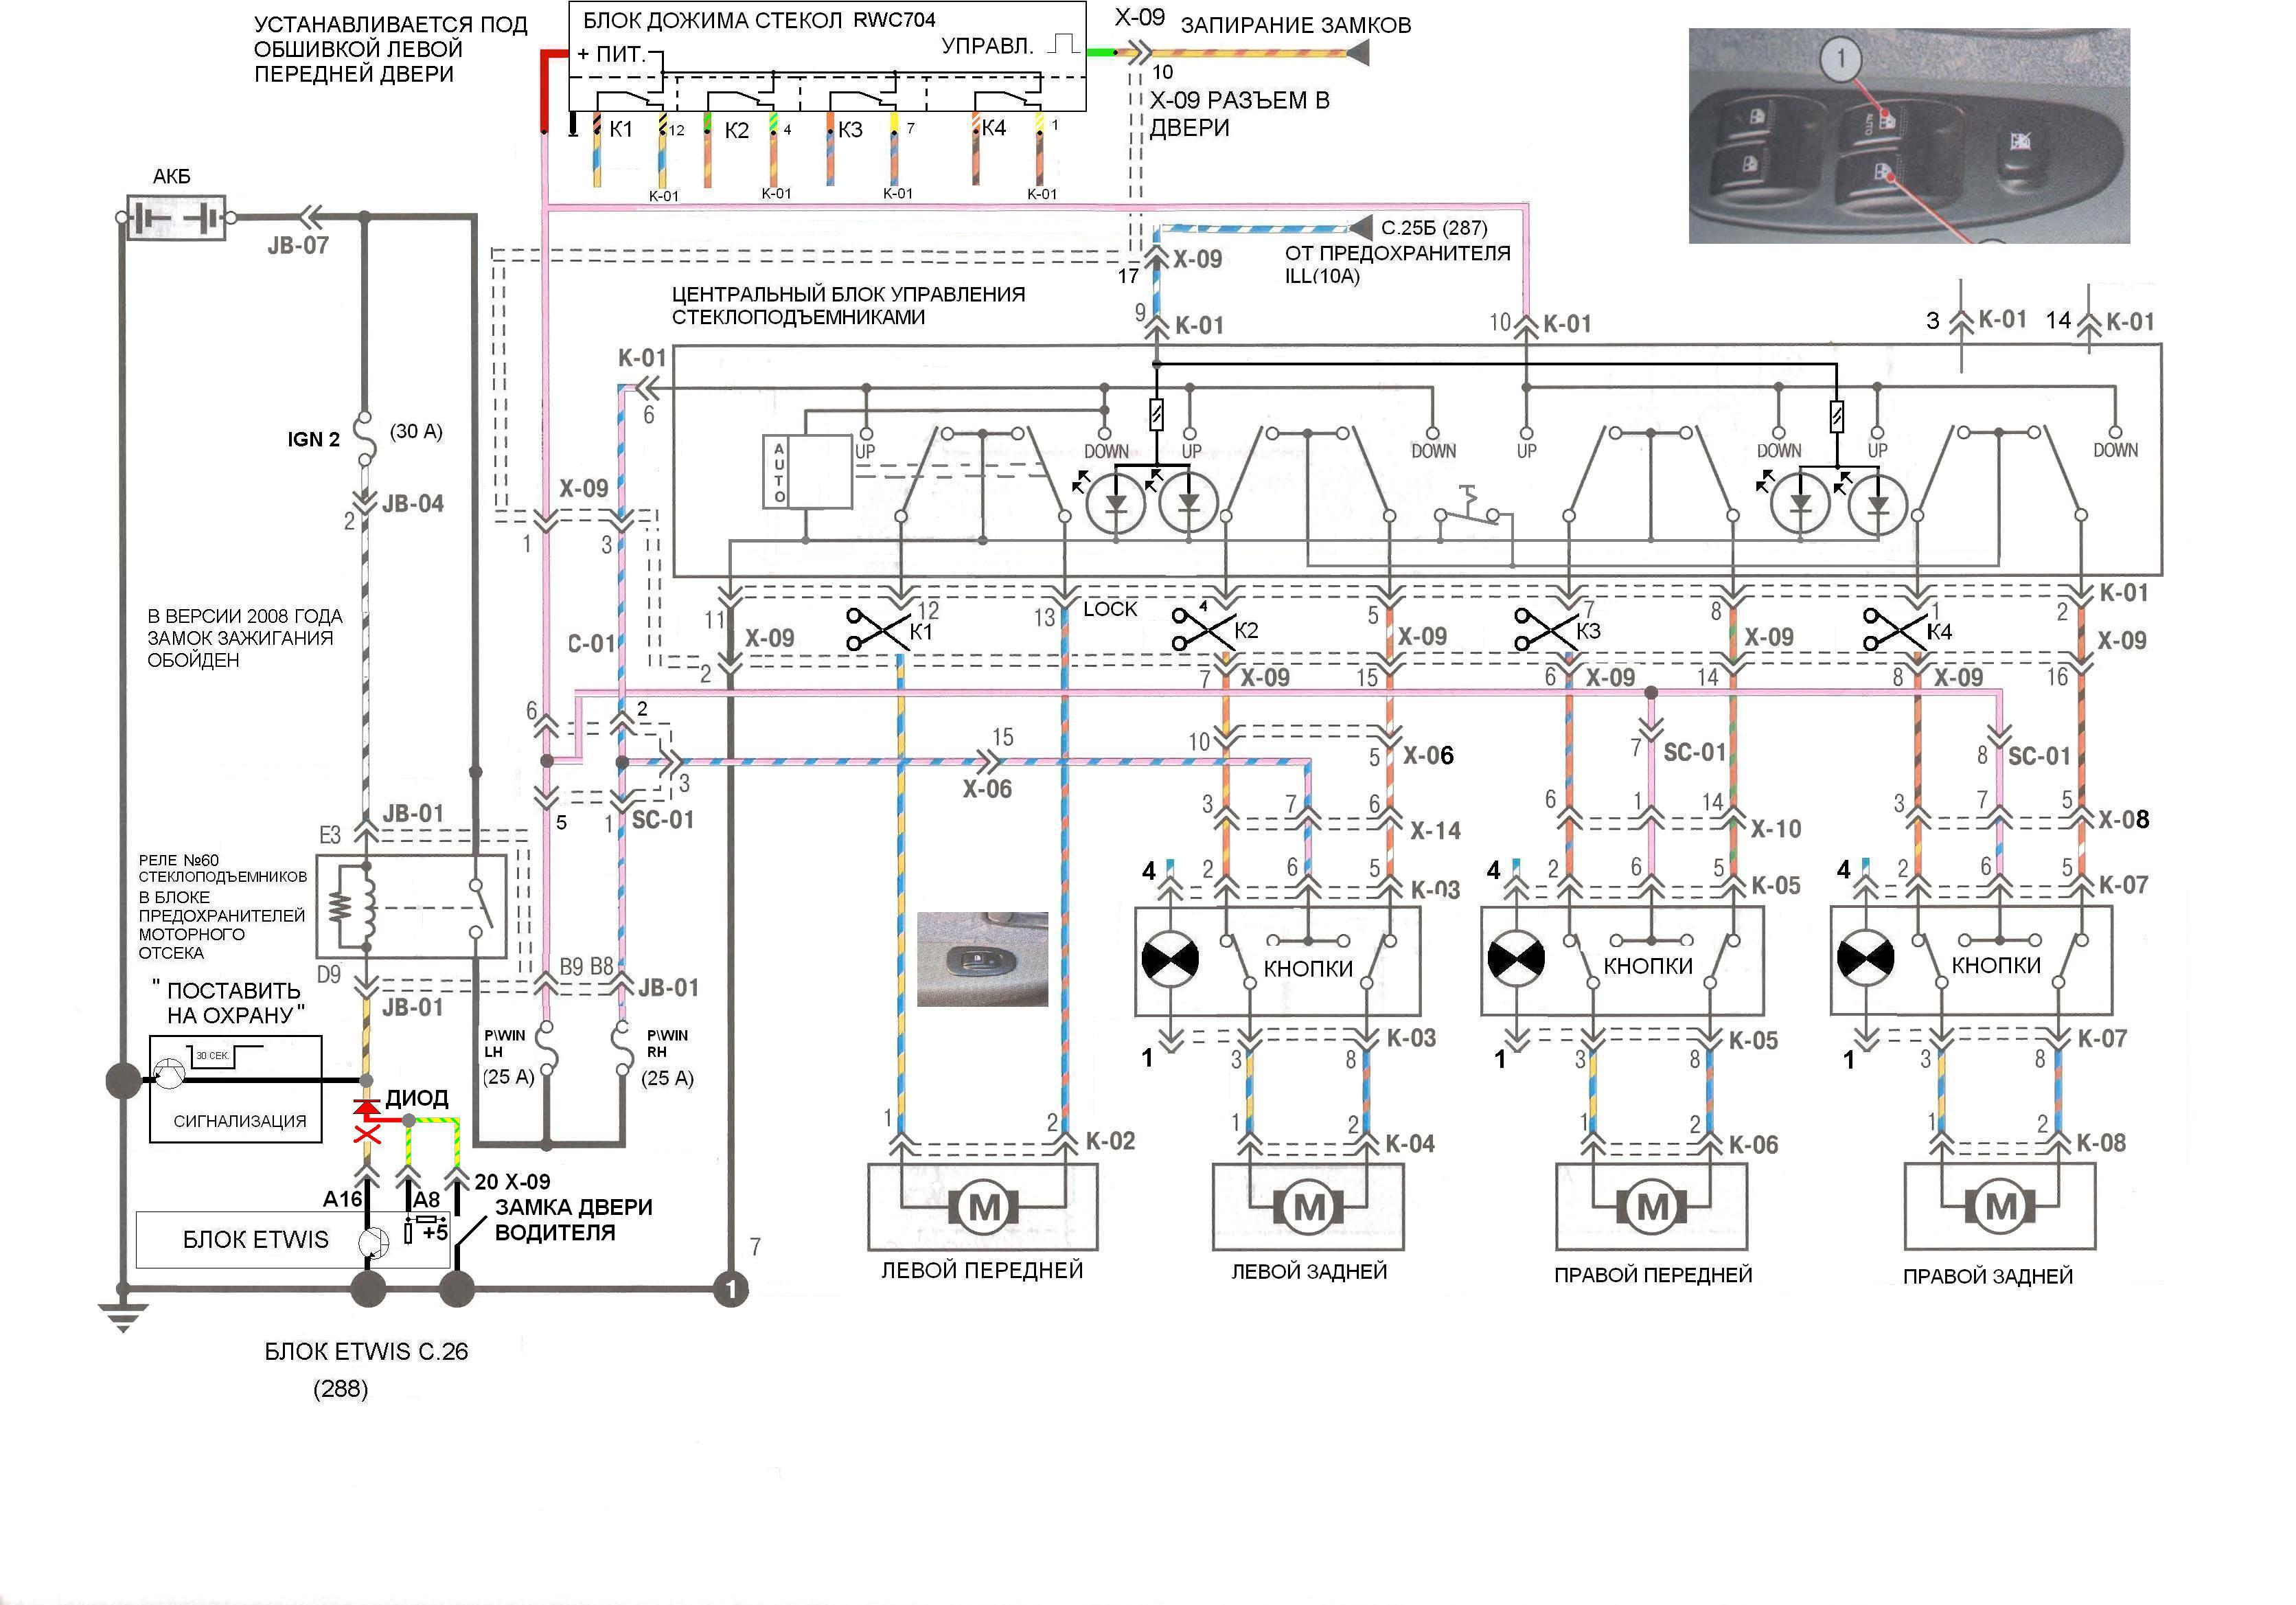 Схема автоматического доводчика стекол